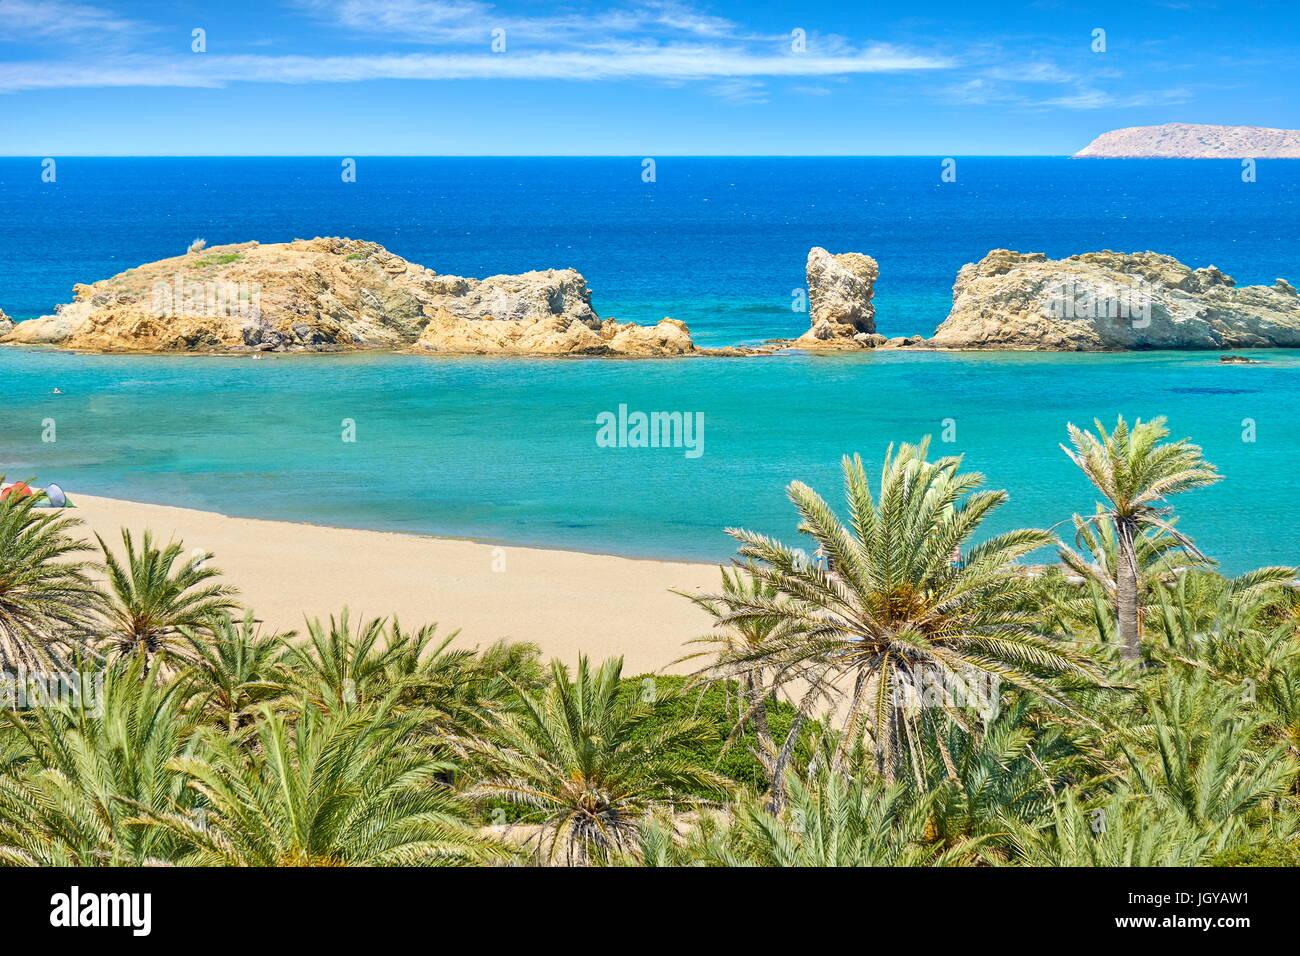 Vai Beach und Palm Bäume, Insel Kreta, Griechenland Stockbild